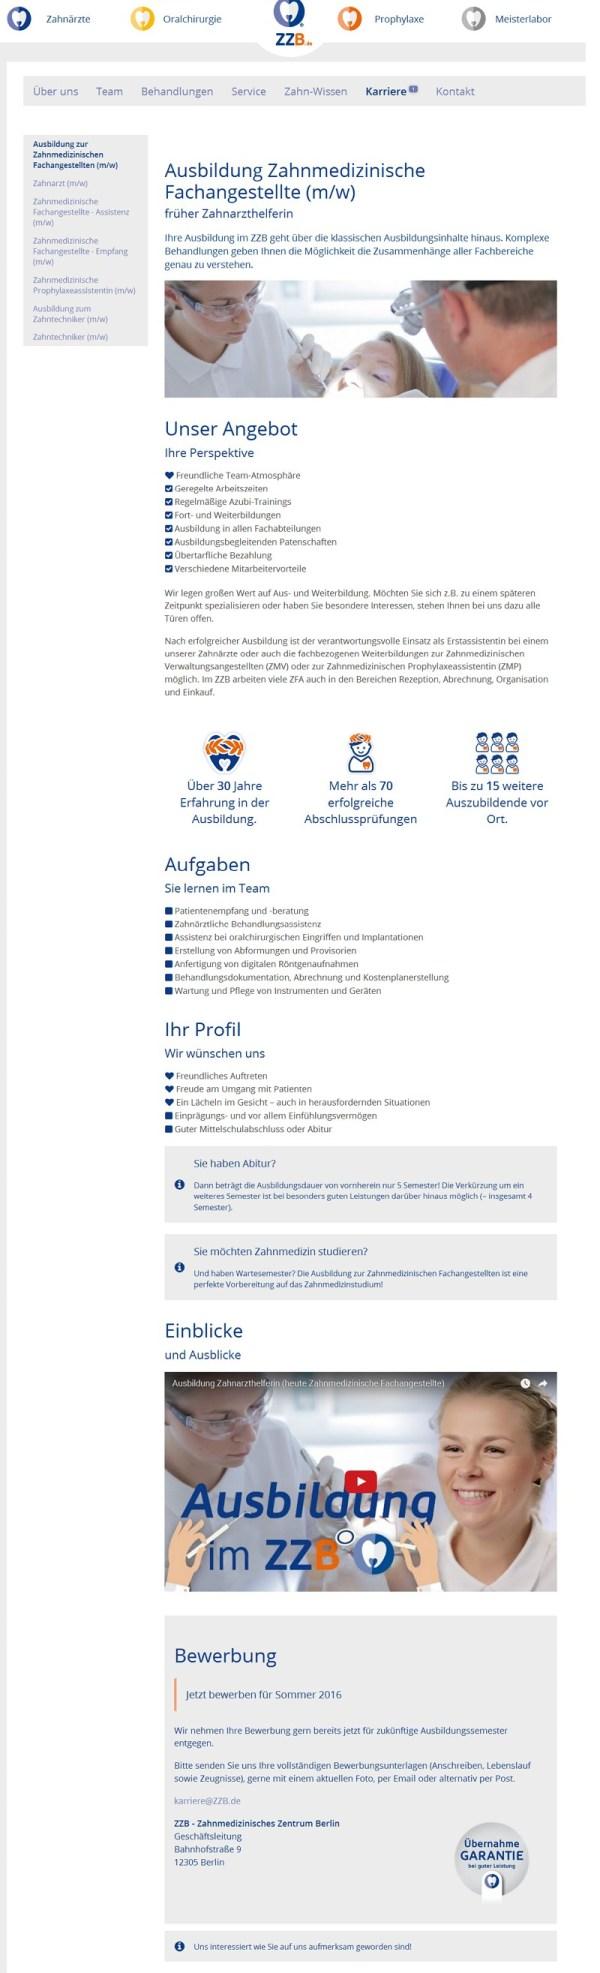 Ausbildung Zahnmedizinische Fachangestellte - Website des ZZB